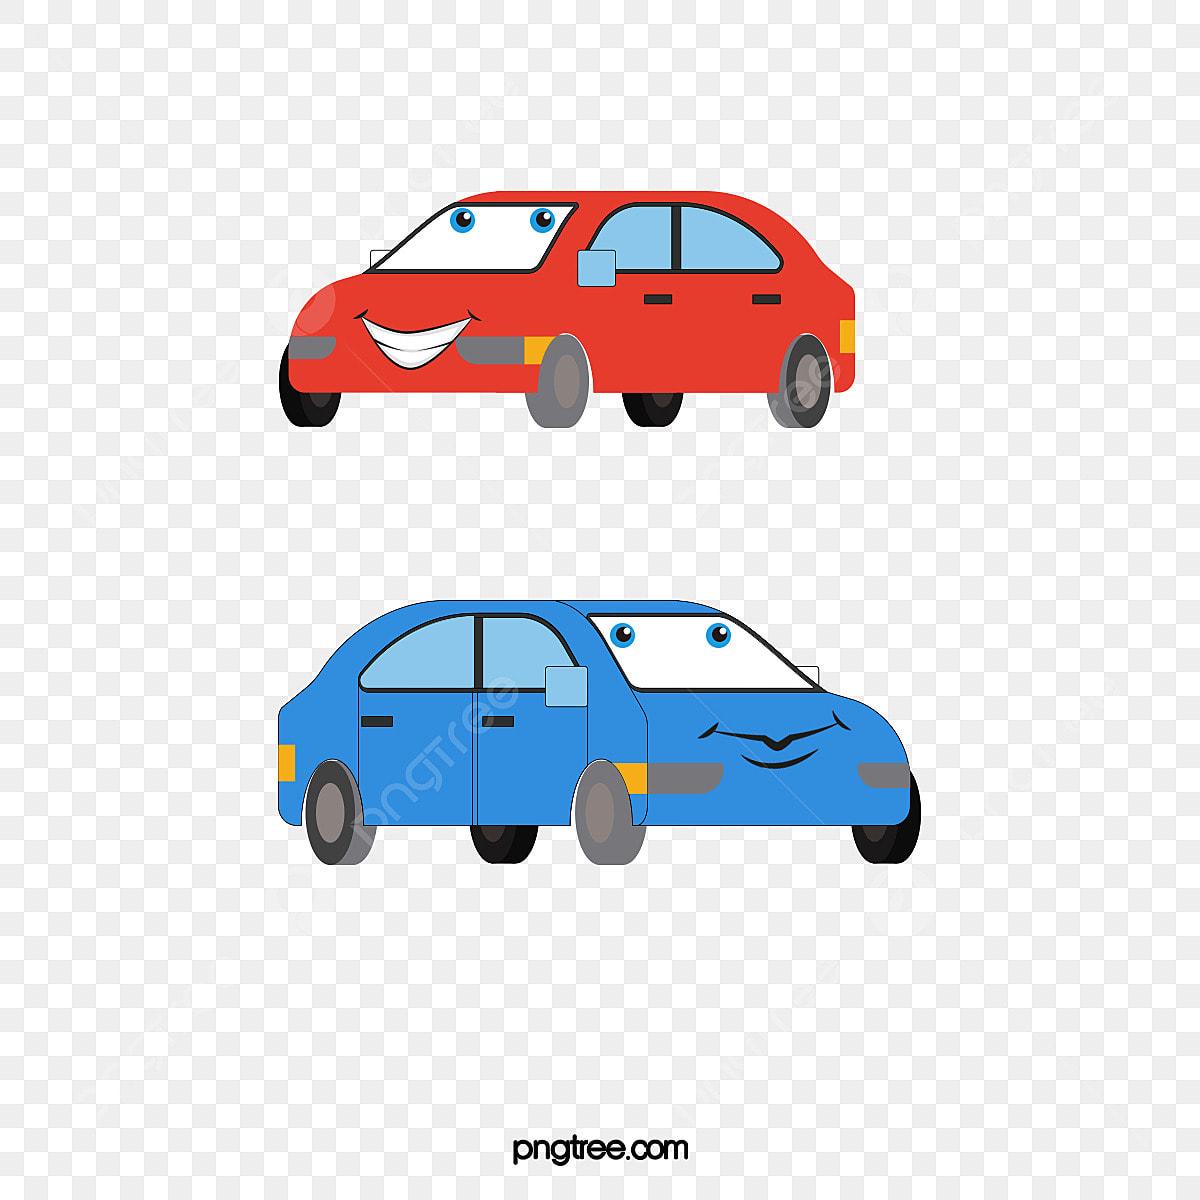 Gambar Kereta Kartun Png Gambar Kereta Kartun Clipart Kereta Vektor Kartun Png Dan Psd